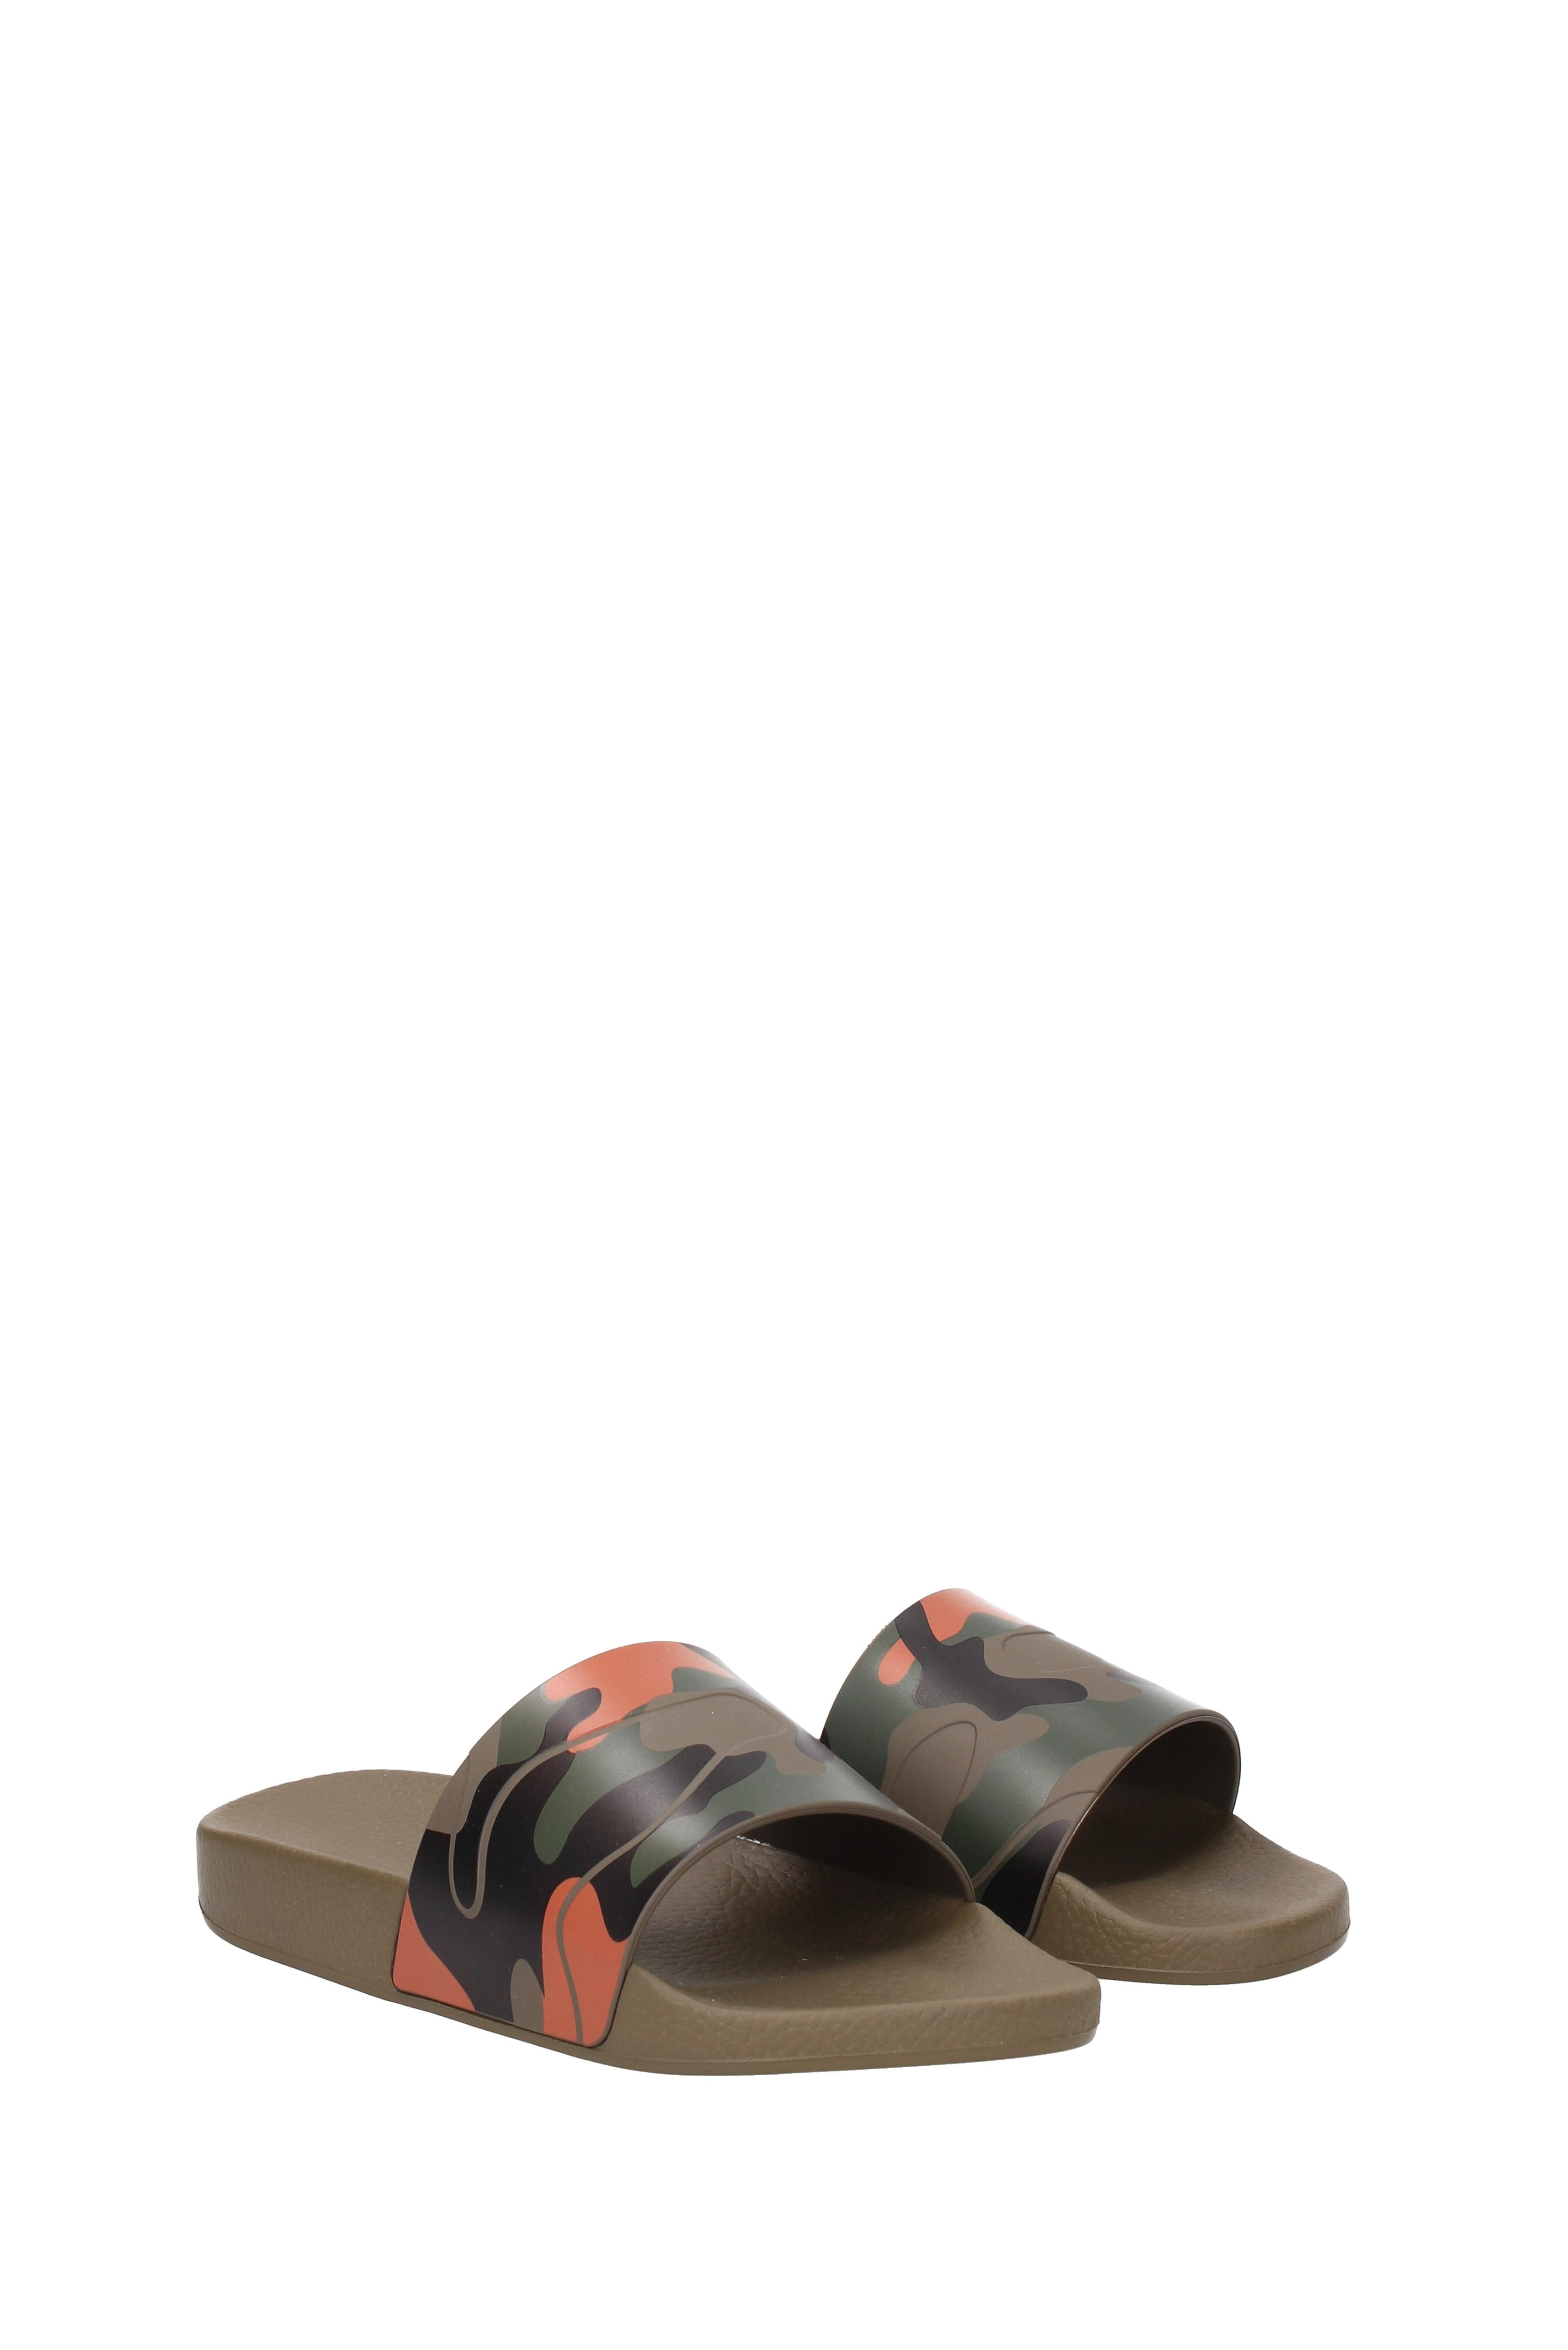 Flip-Flops und Holzschuhe Valentino Garavani Herren - Gummi Gummi - (0S0873PCG) de46e2